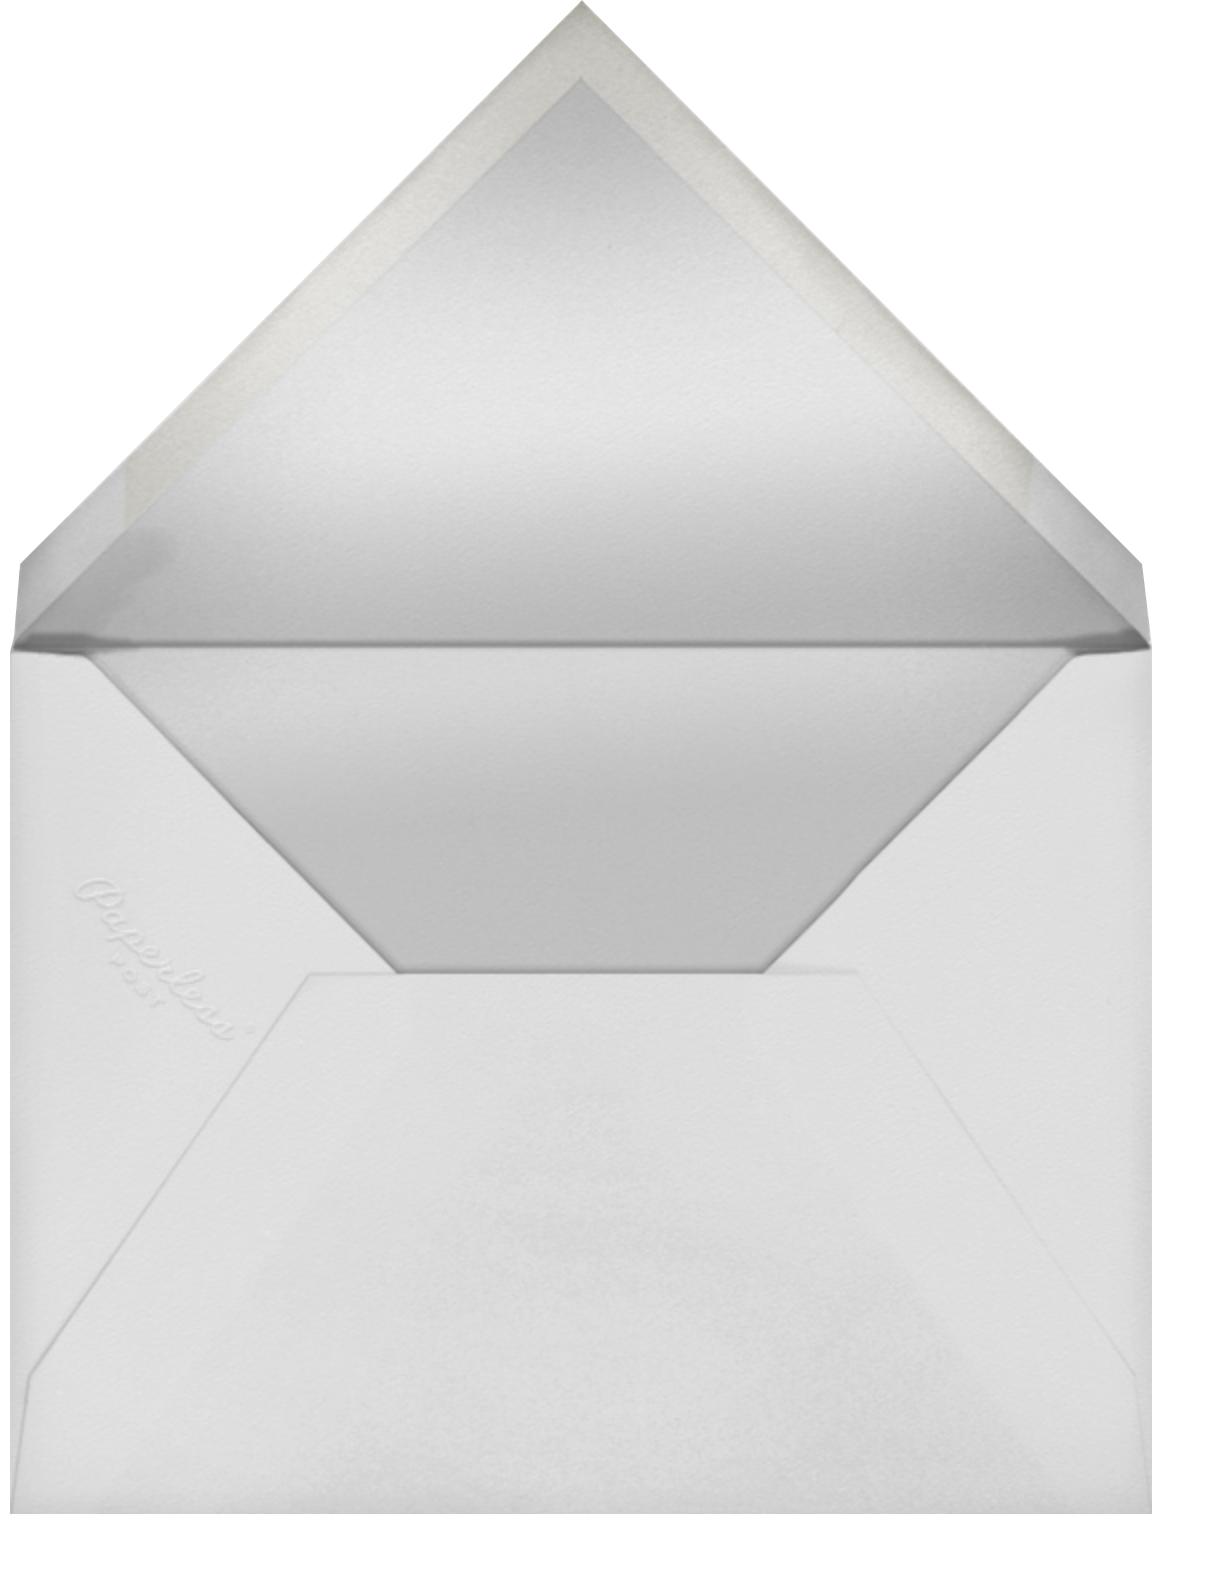 Mr. Stache and Ms. Lips (Program) - Jonathan Adler - Menus and programs - envelope back